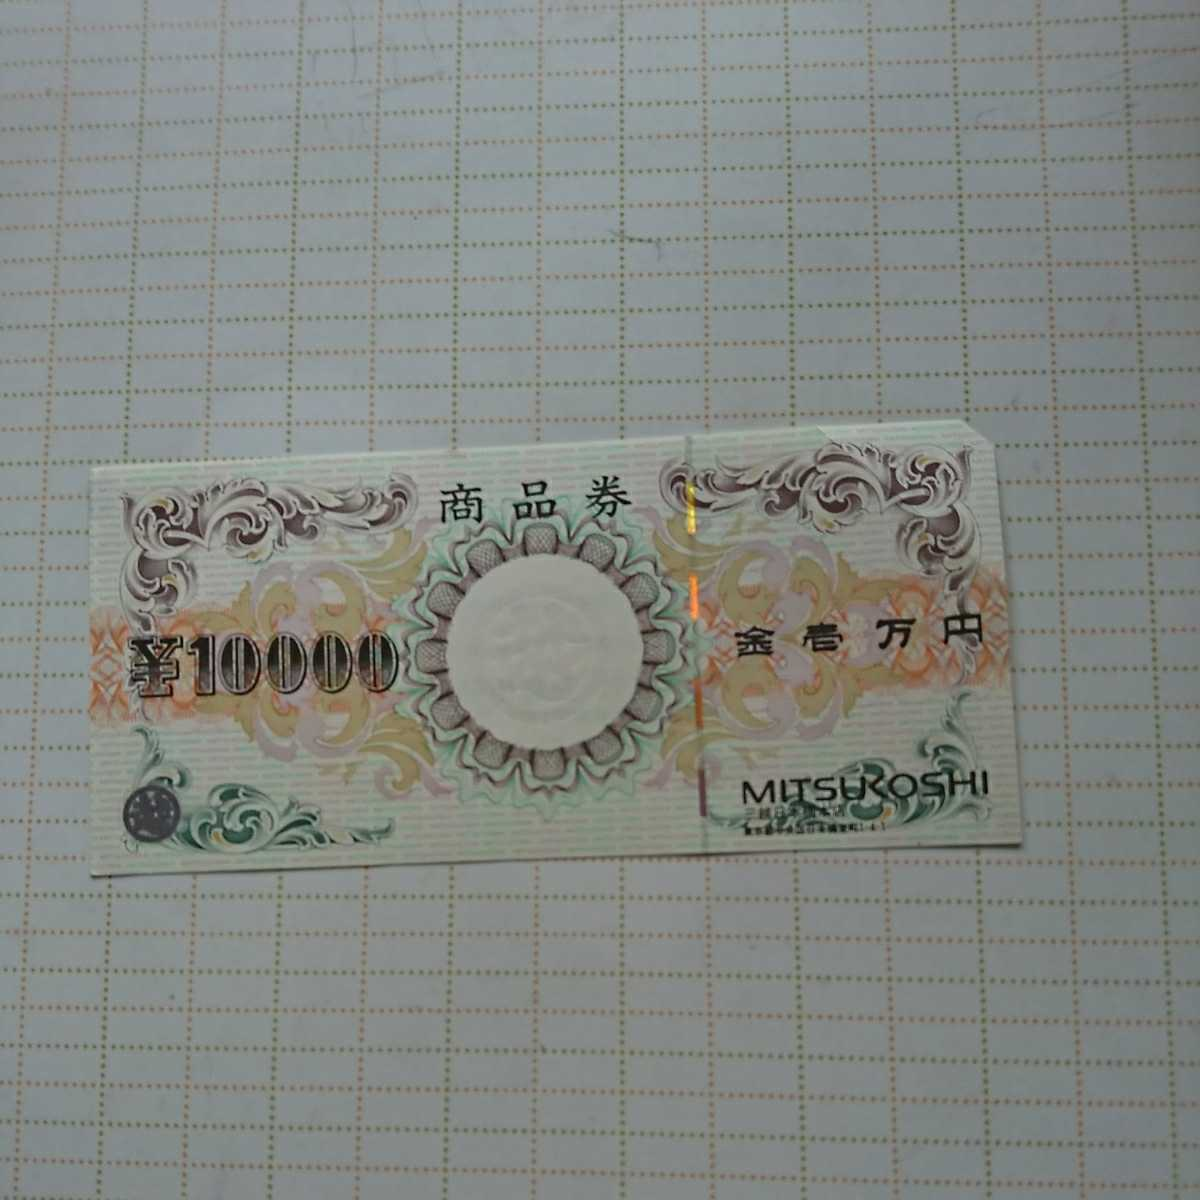 三越百貨店 商品券 1万円 ポイント消費_画像2